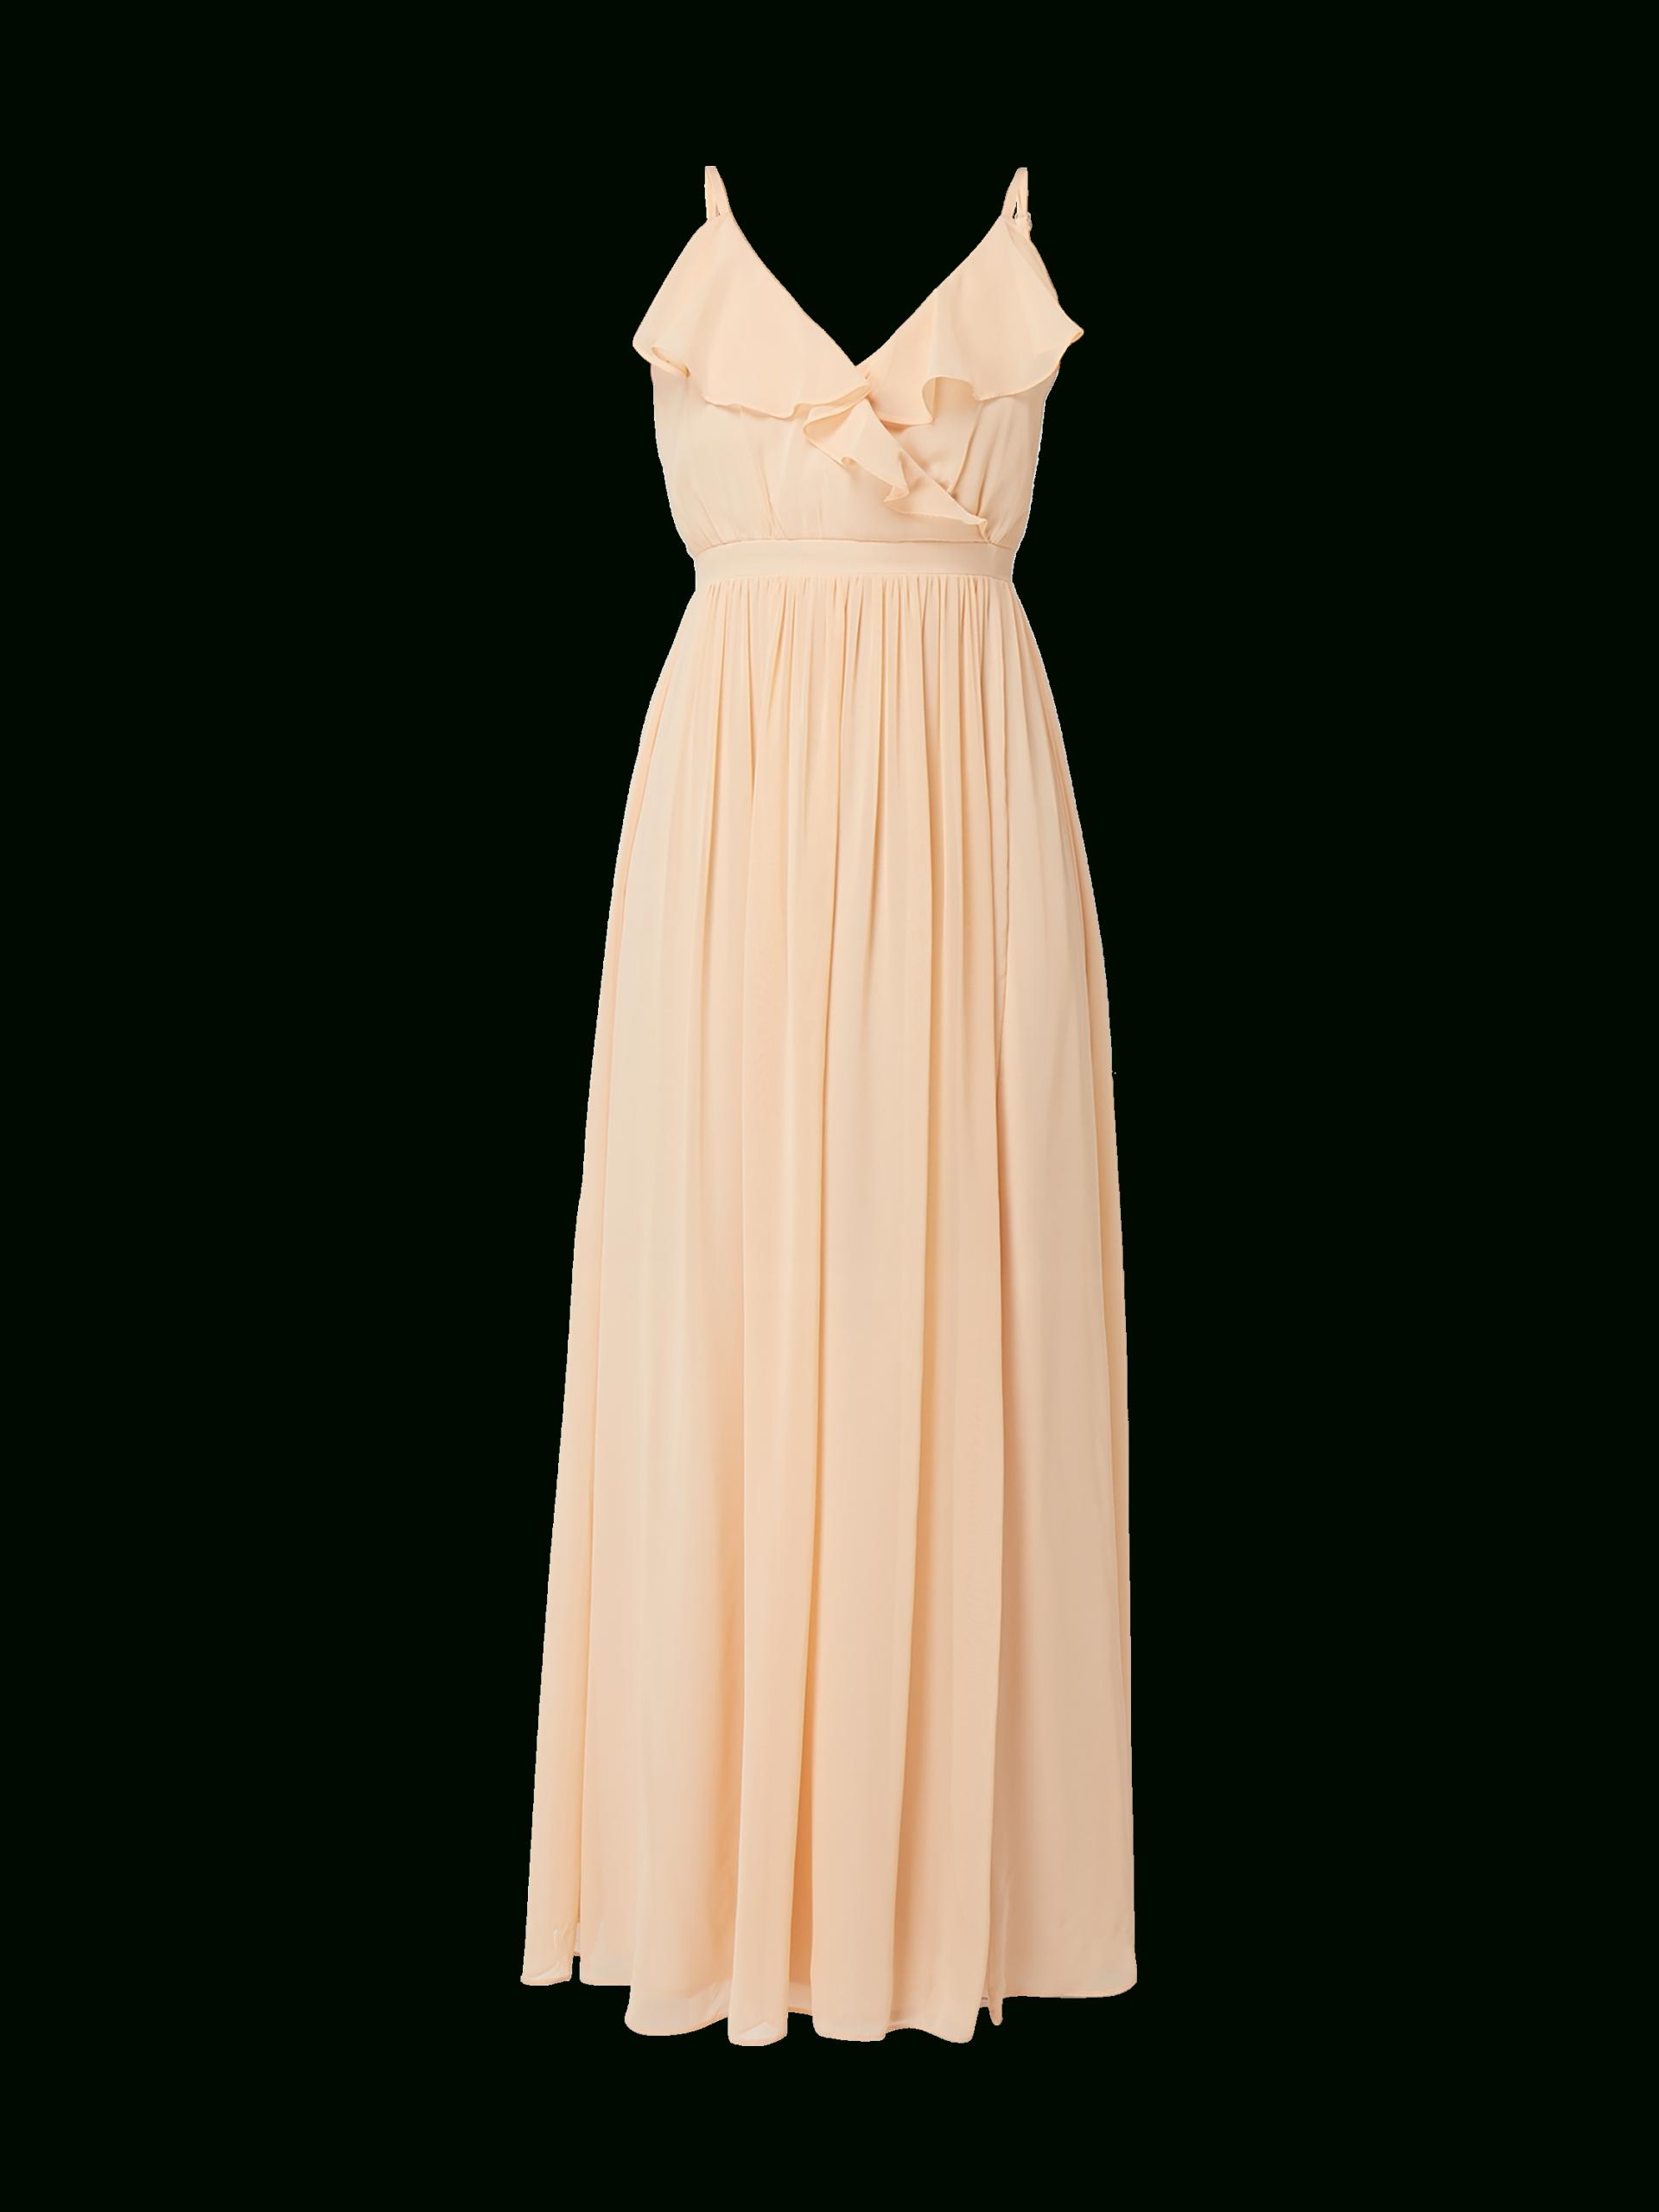 10 Ausgezeichnet Abendkleid Apricot Ärmel Ausgezeichnet Abendkleid Apricot Ärmel